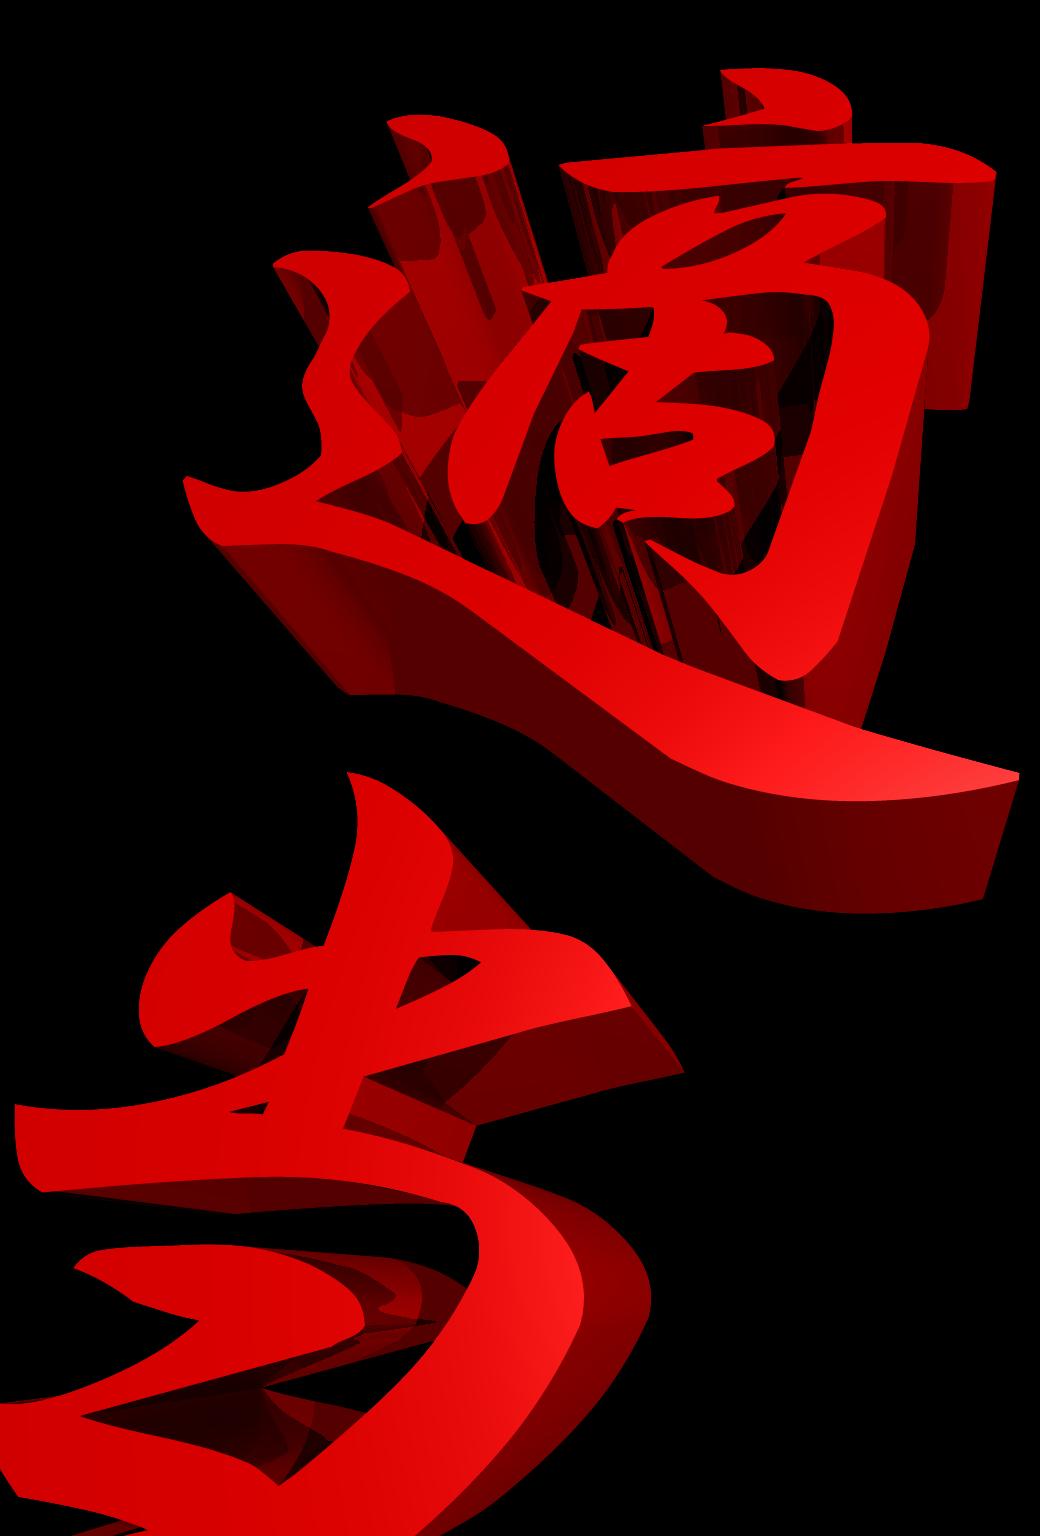 3d漢字 適当 180 Iphone壁紙 すべて1136 X 640pxサイズ